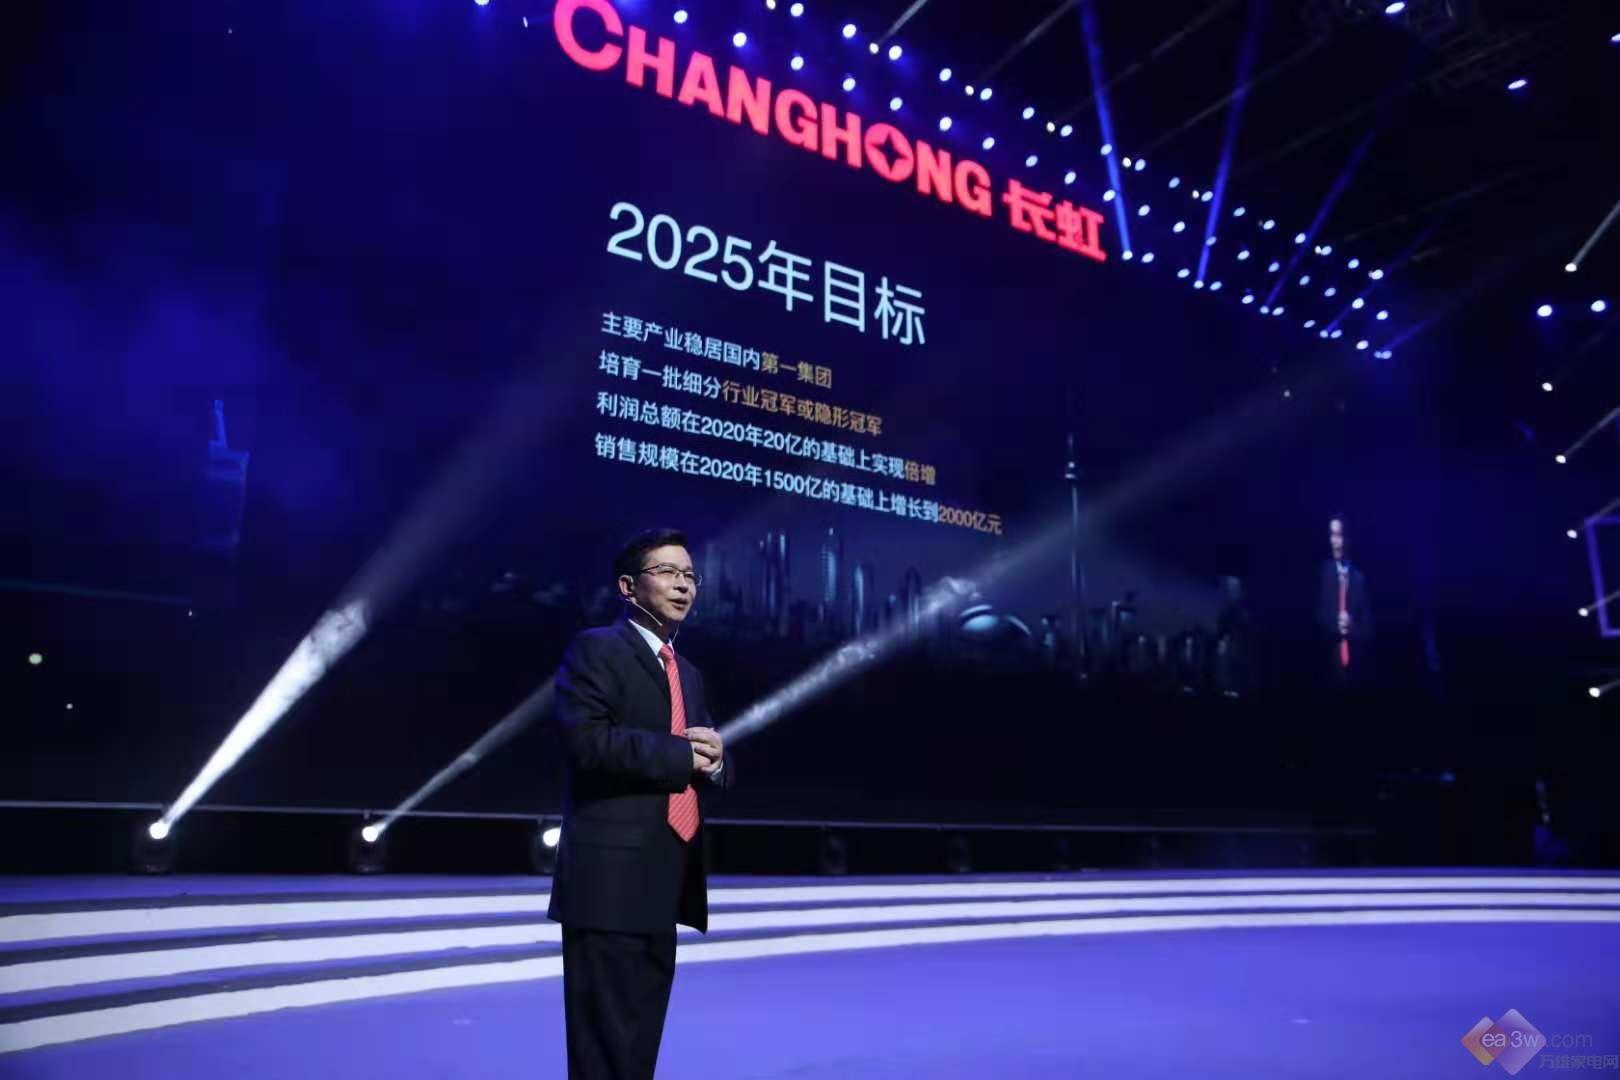 长虹赵勇:长虹力争到2025年突破2000亿元